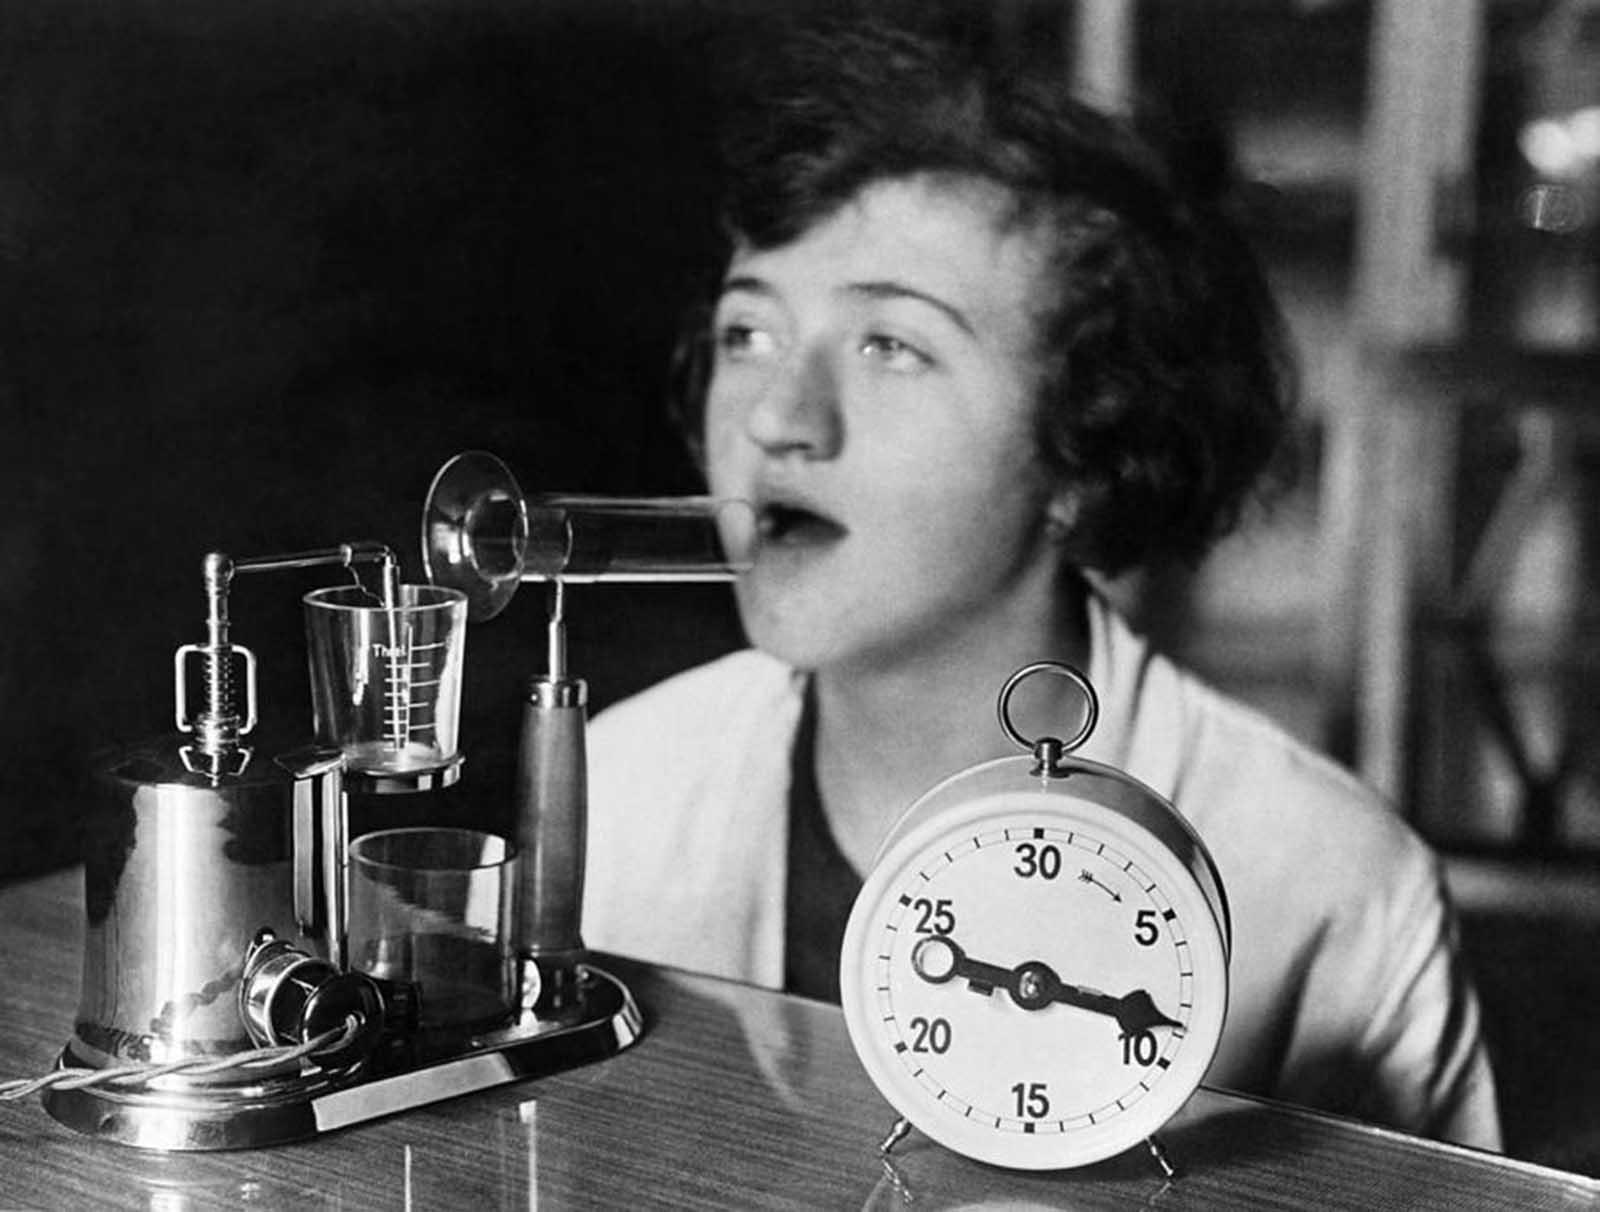 Una mujer que usa un aparato de inhalación eléctrico que produce una niebla medicada utilizada en el tratamiento de resfriados e influenza, alrededor de 1929.